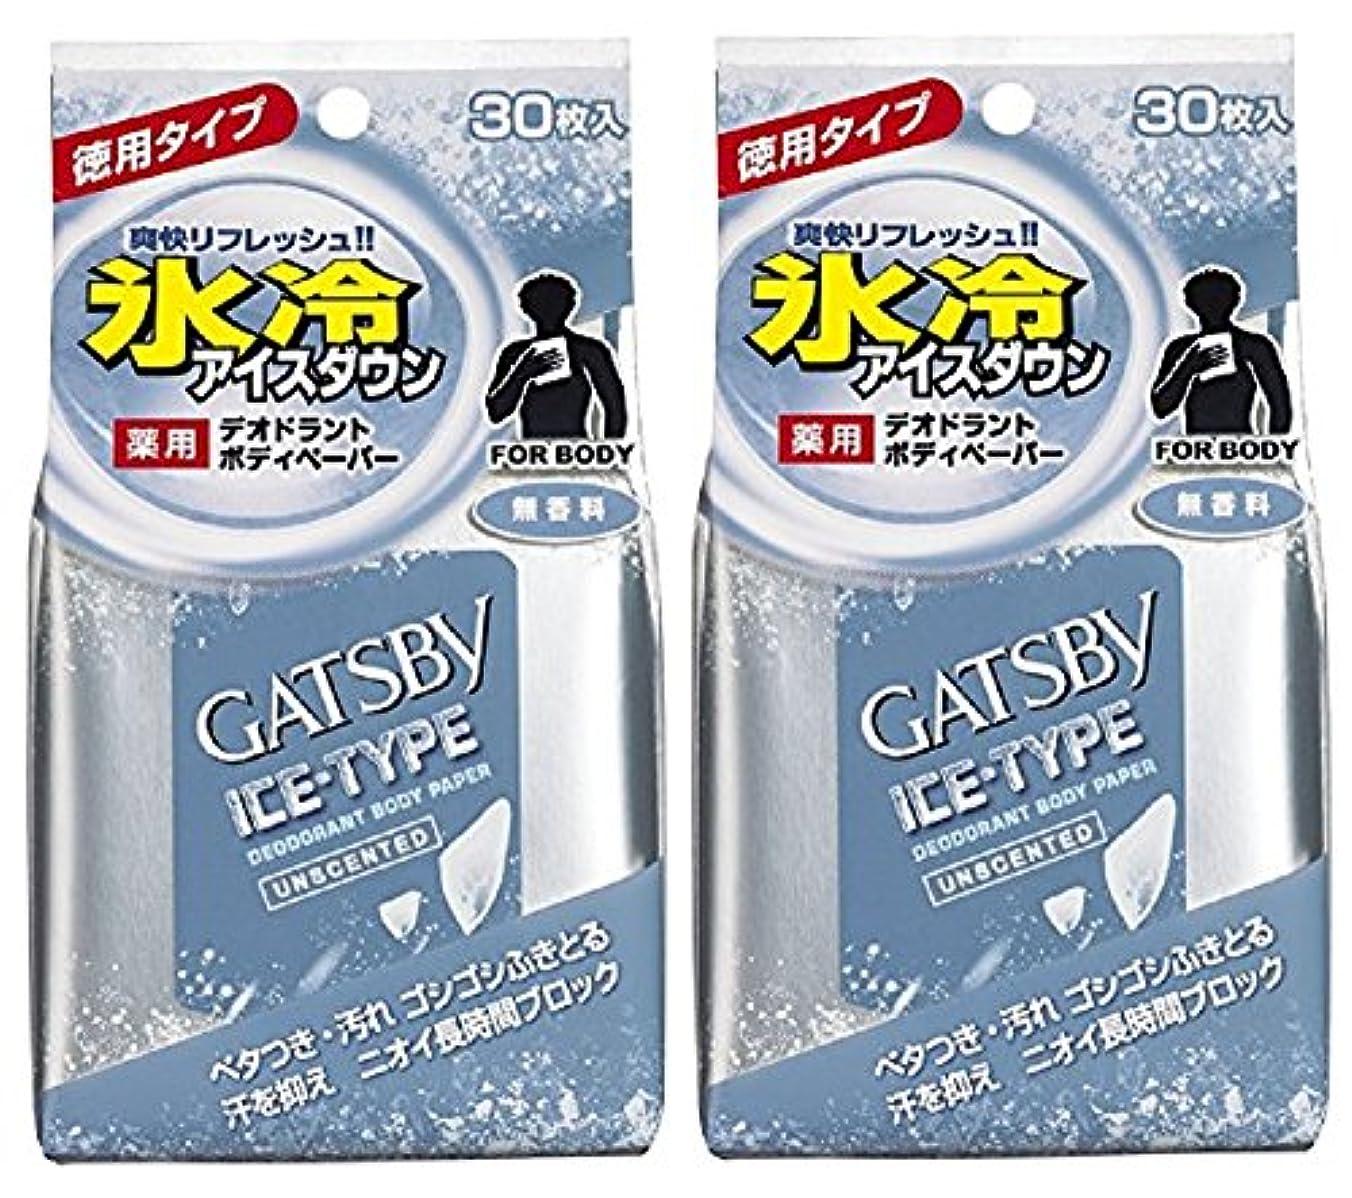 コンペマイルリスクGATSBY (ギャツビー) アイスデオドラントボディペーパー 無香料 <徳用> (医薬部外品) 30枚 2P